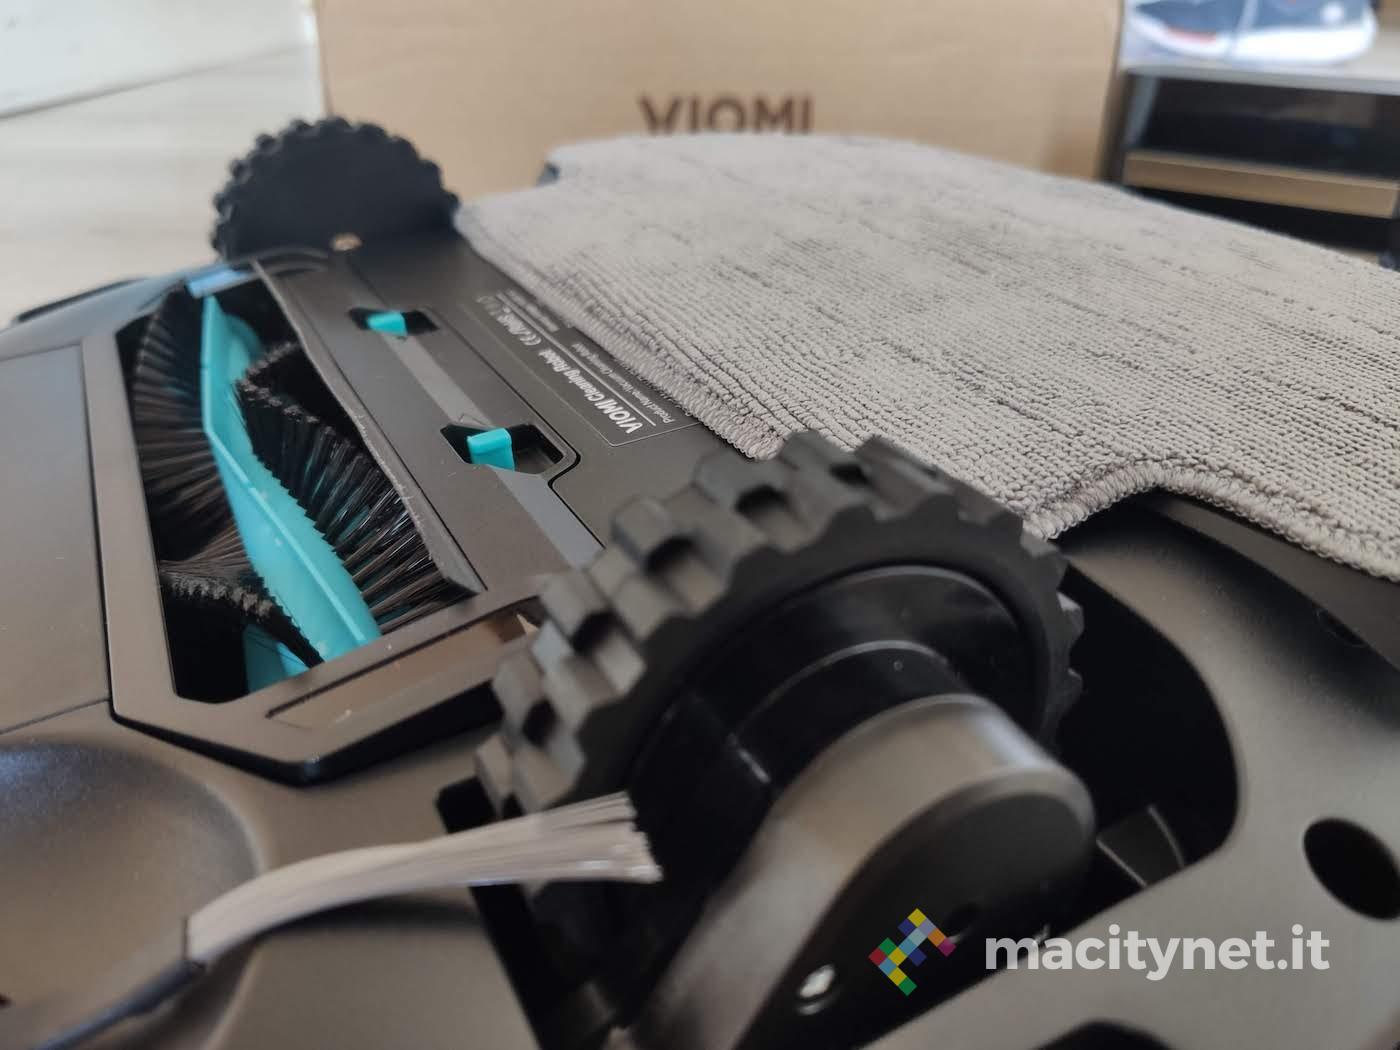 Recensione aspirapolvere Viomi V2, potente e funzionale